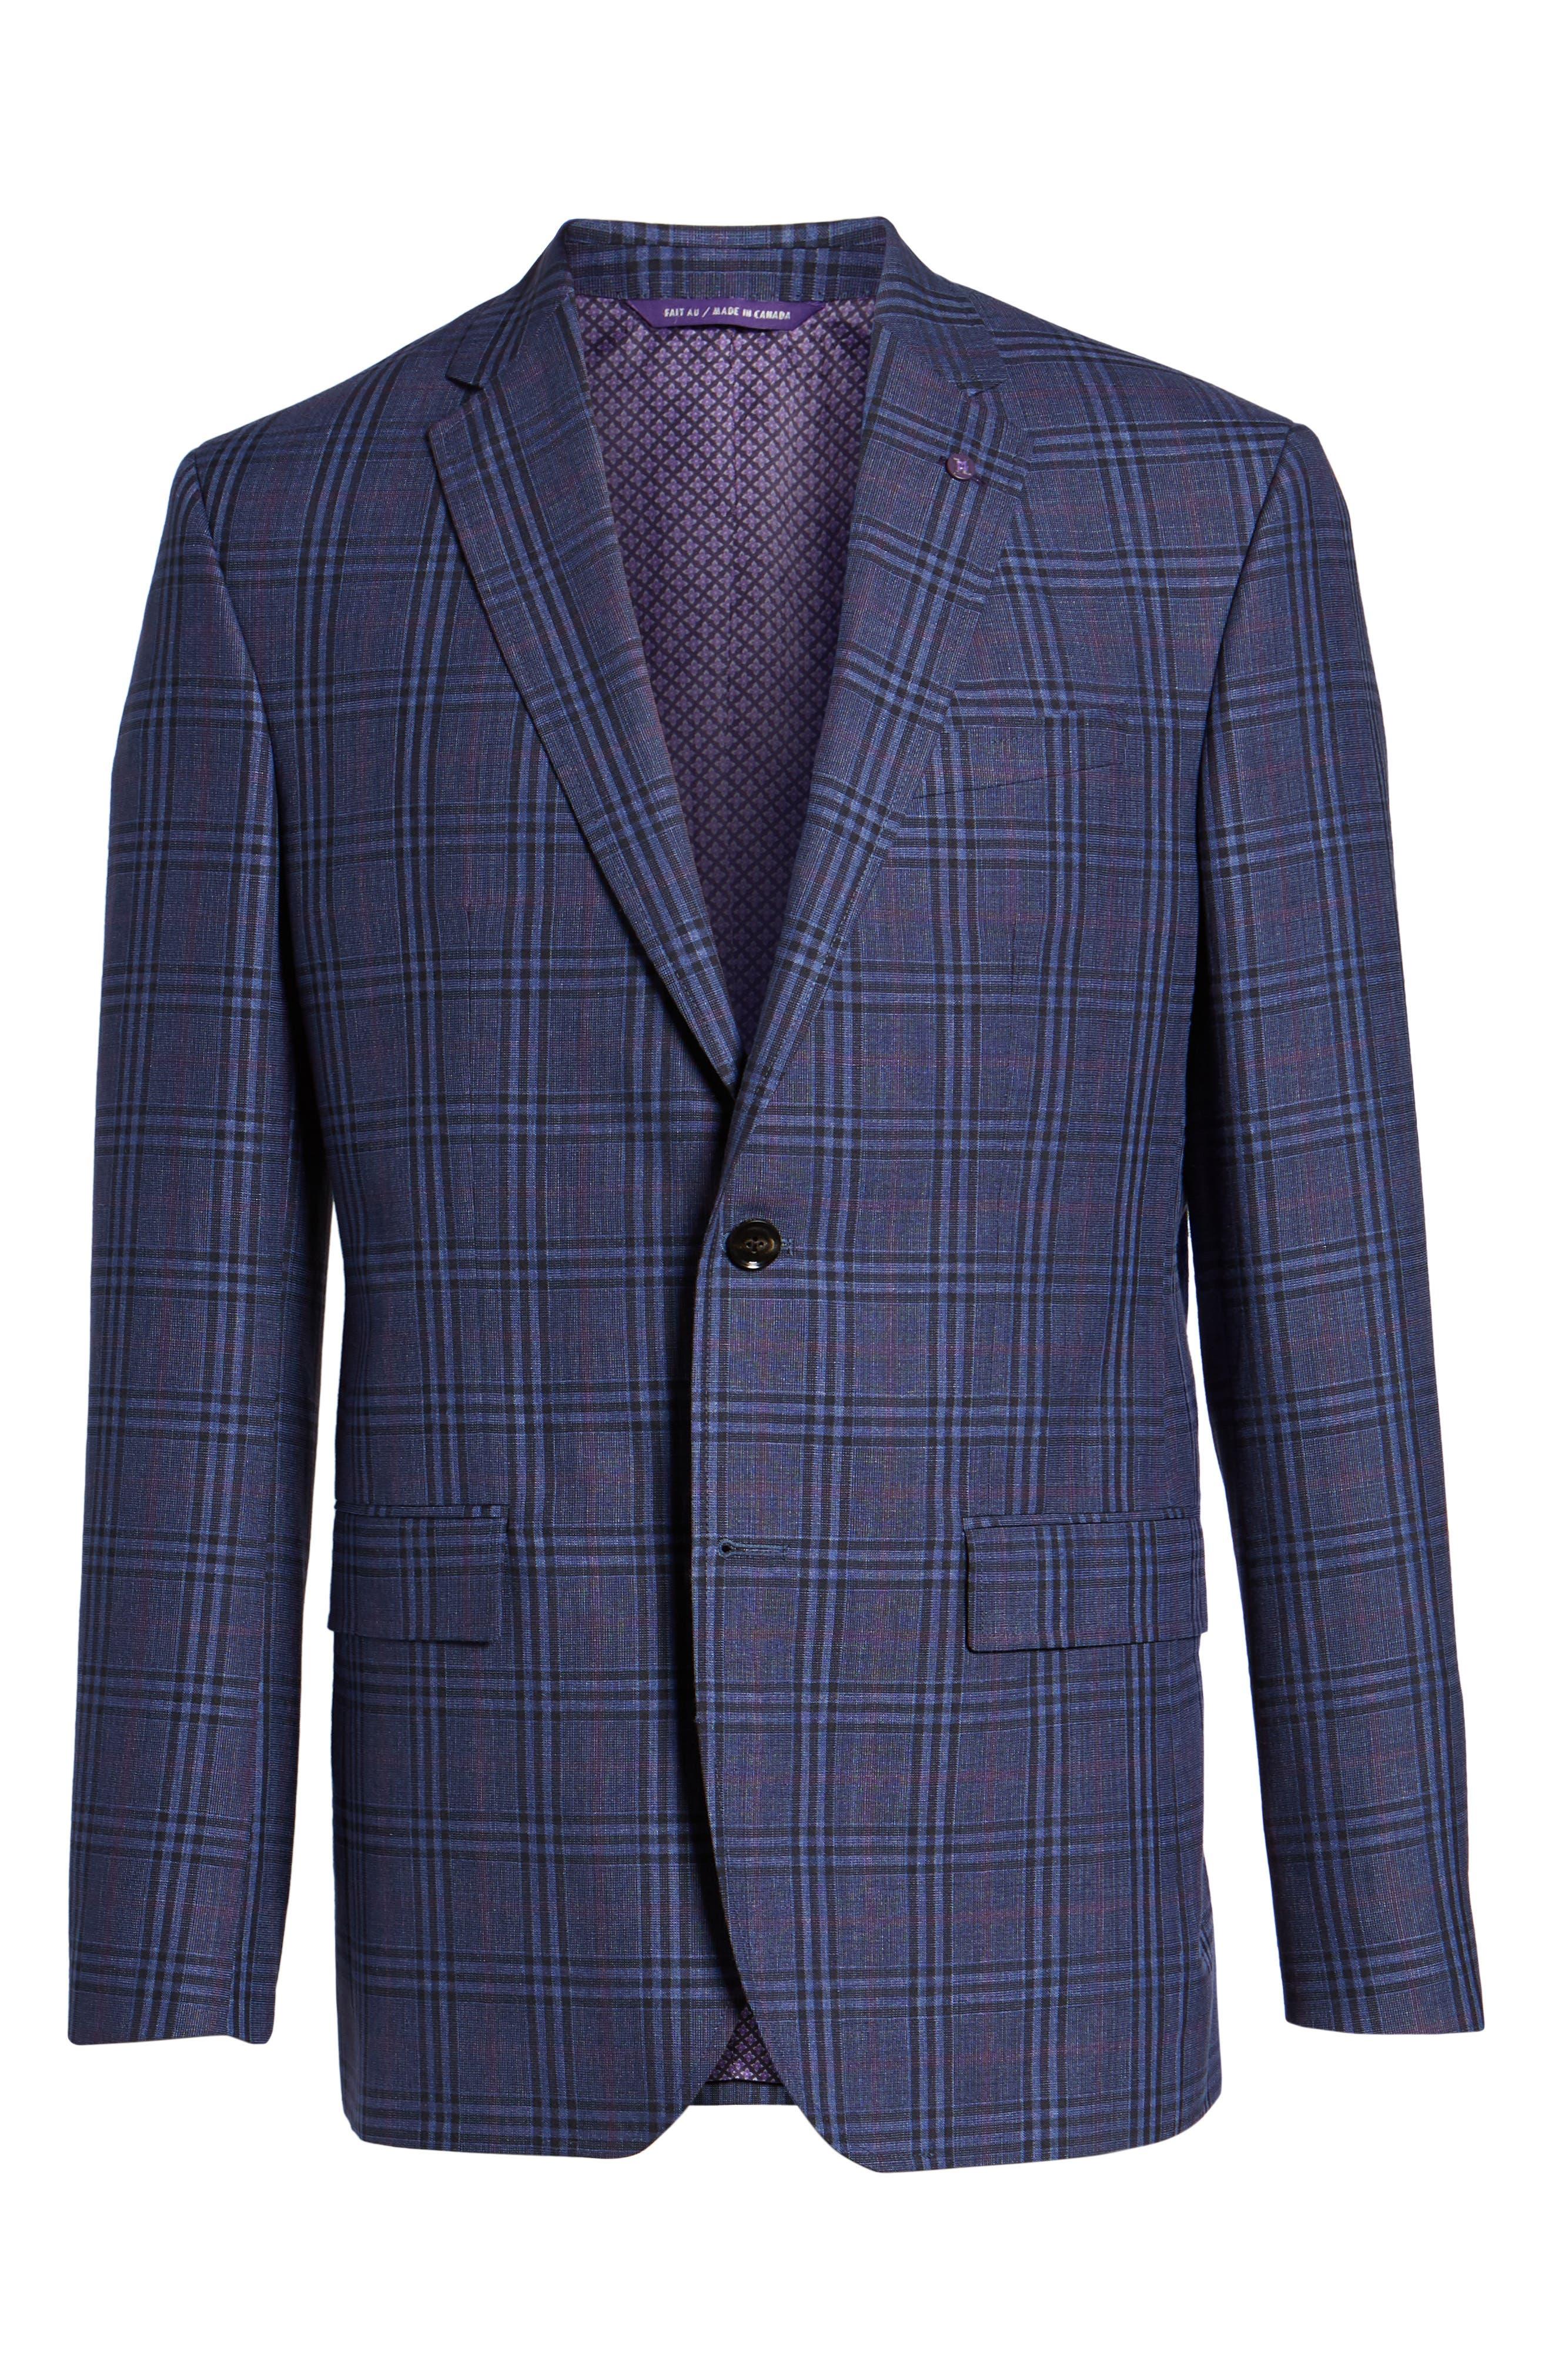 Jay Trim Fit Plaid Wool & Linen Sport Coat,                             Alternate thumbnail 5, color,                             400